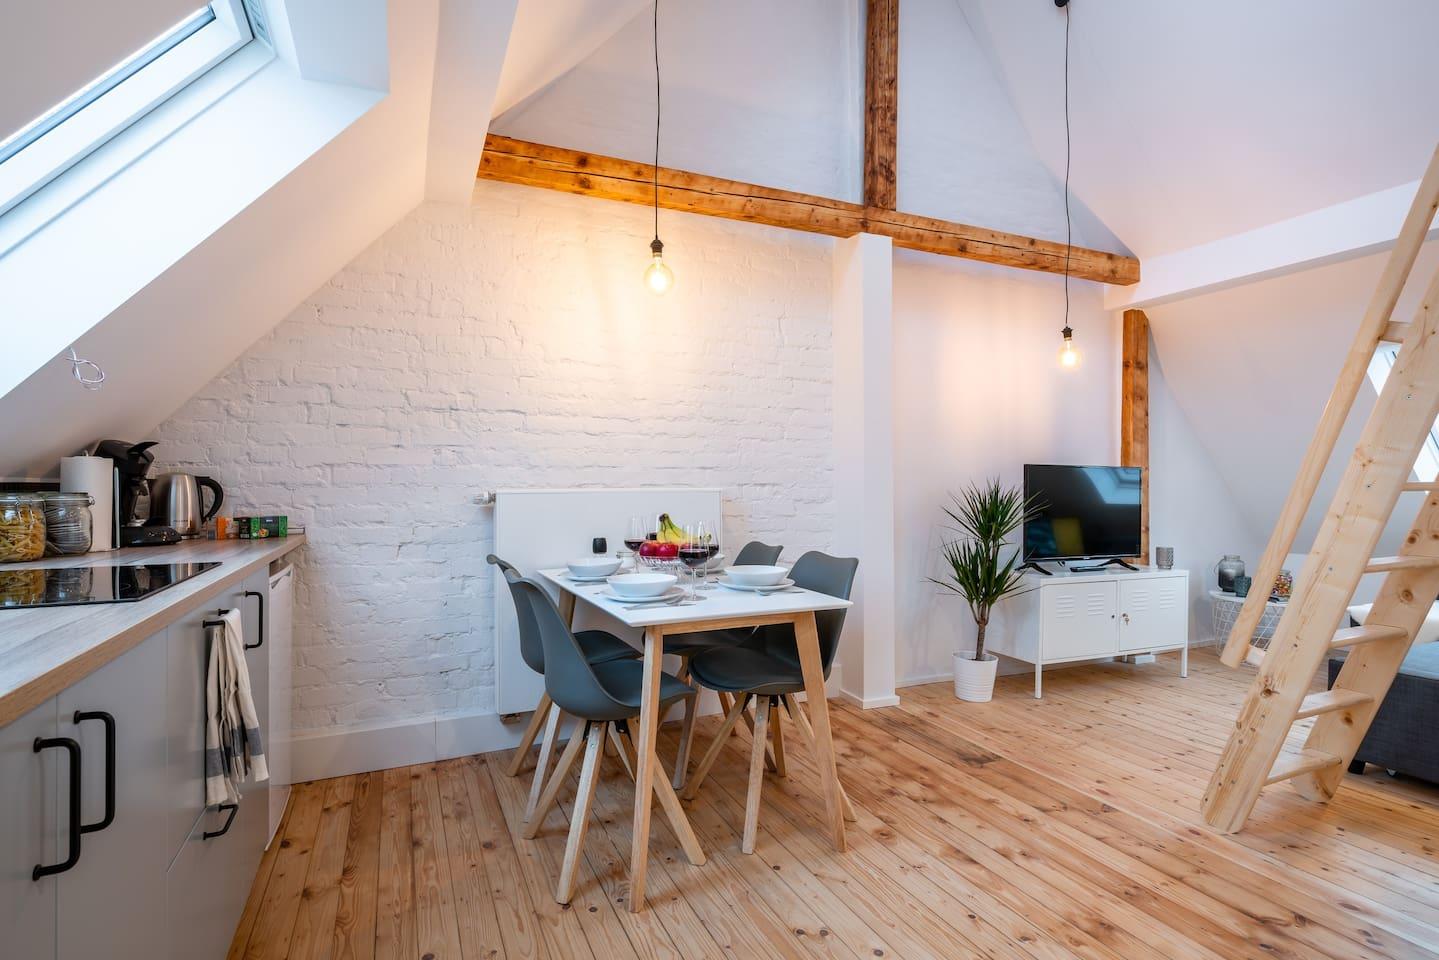 Fühl dich wie zu Hause in diesem frisch renovierten Loft!